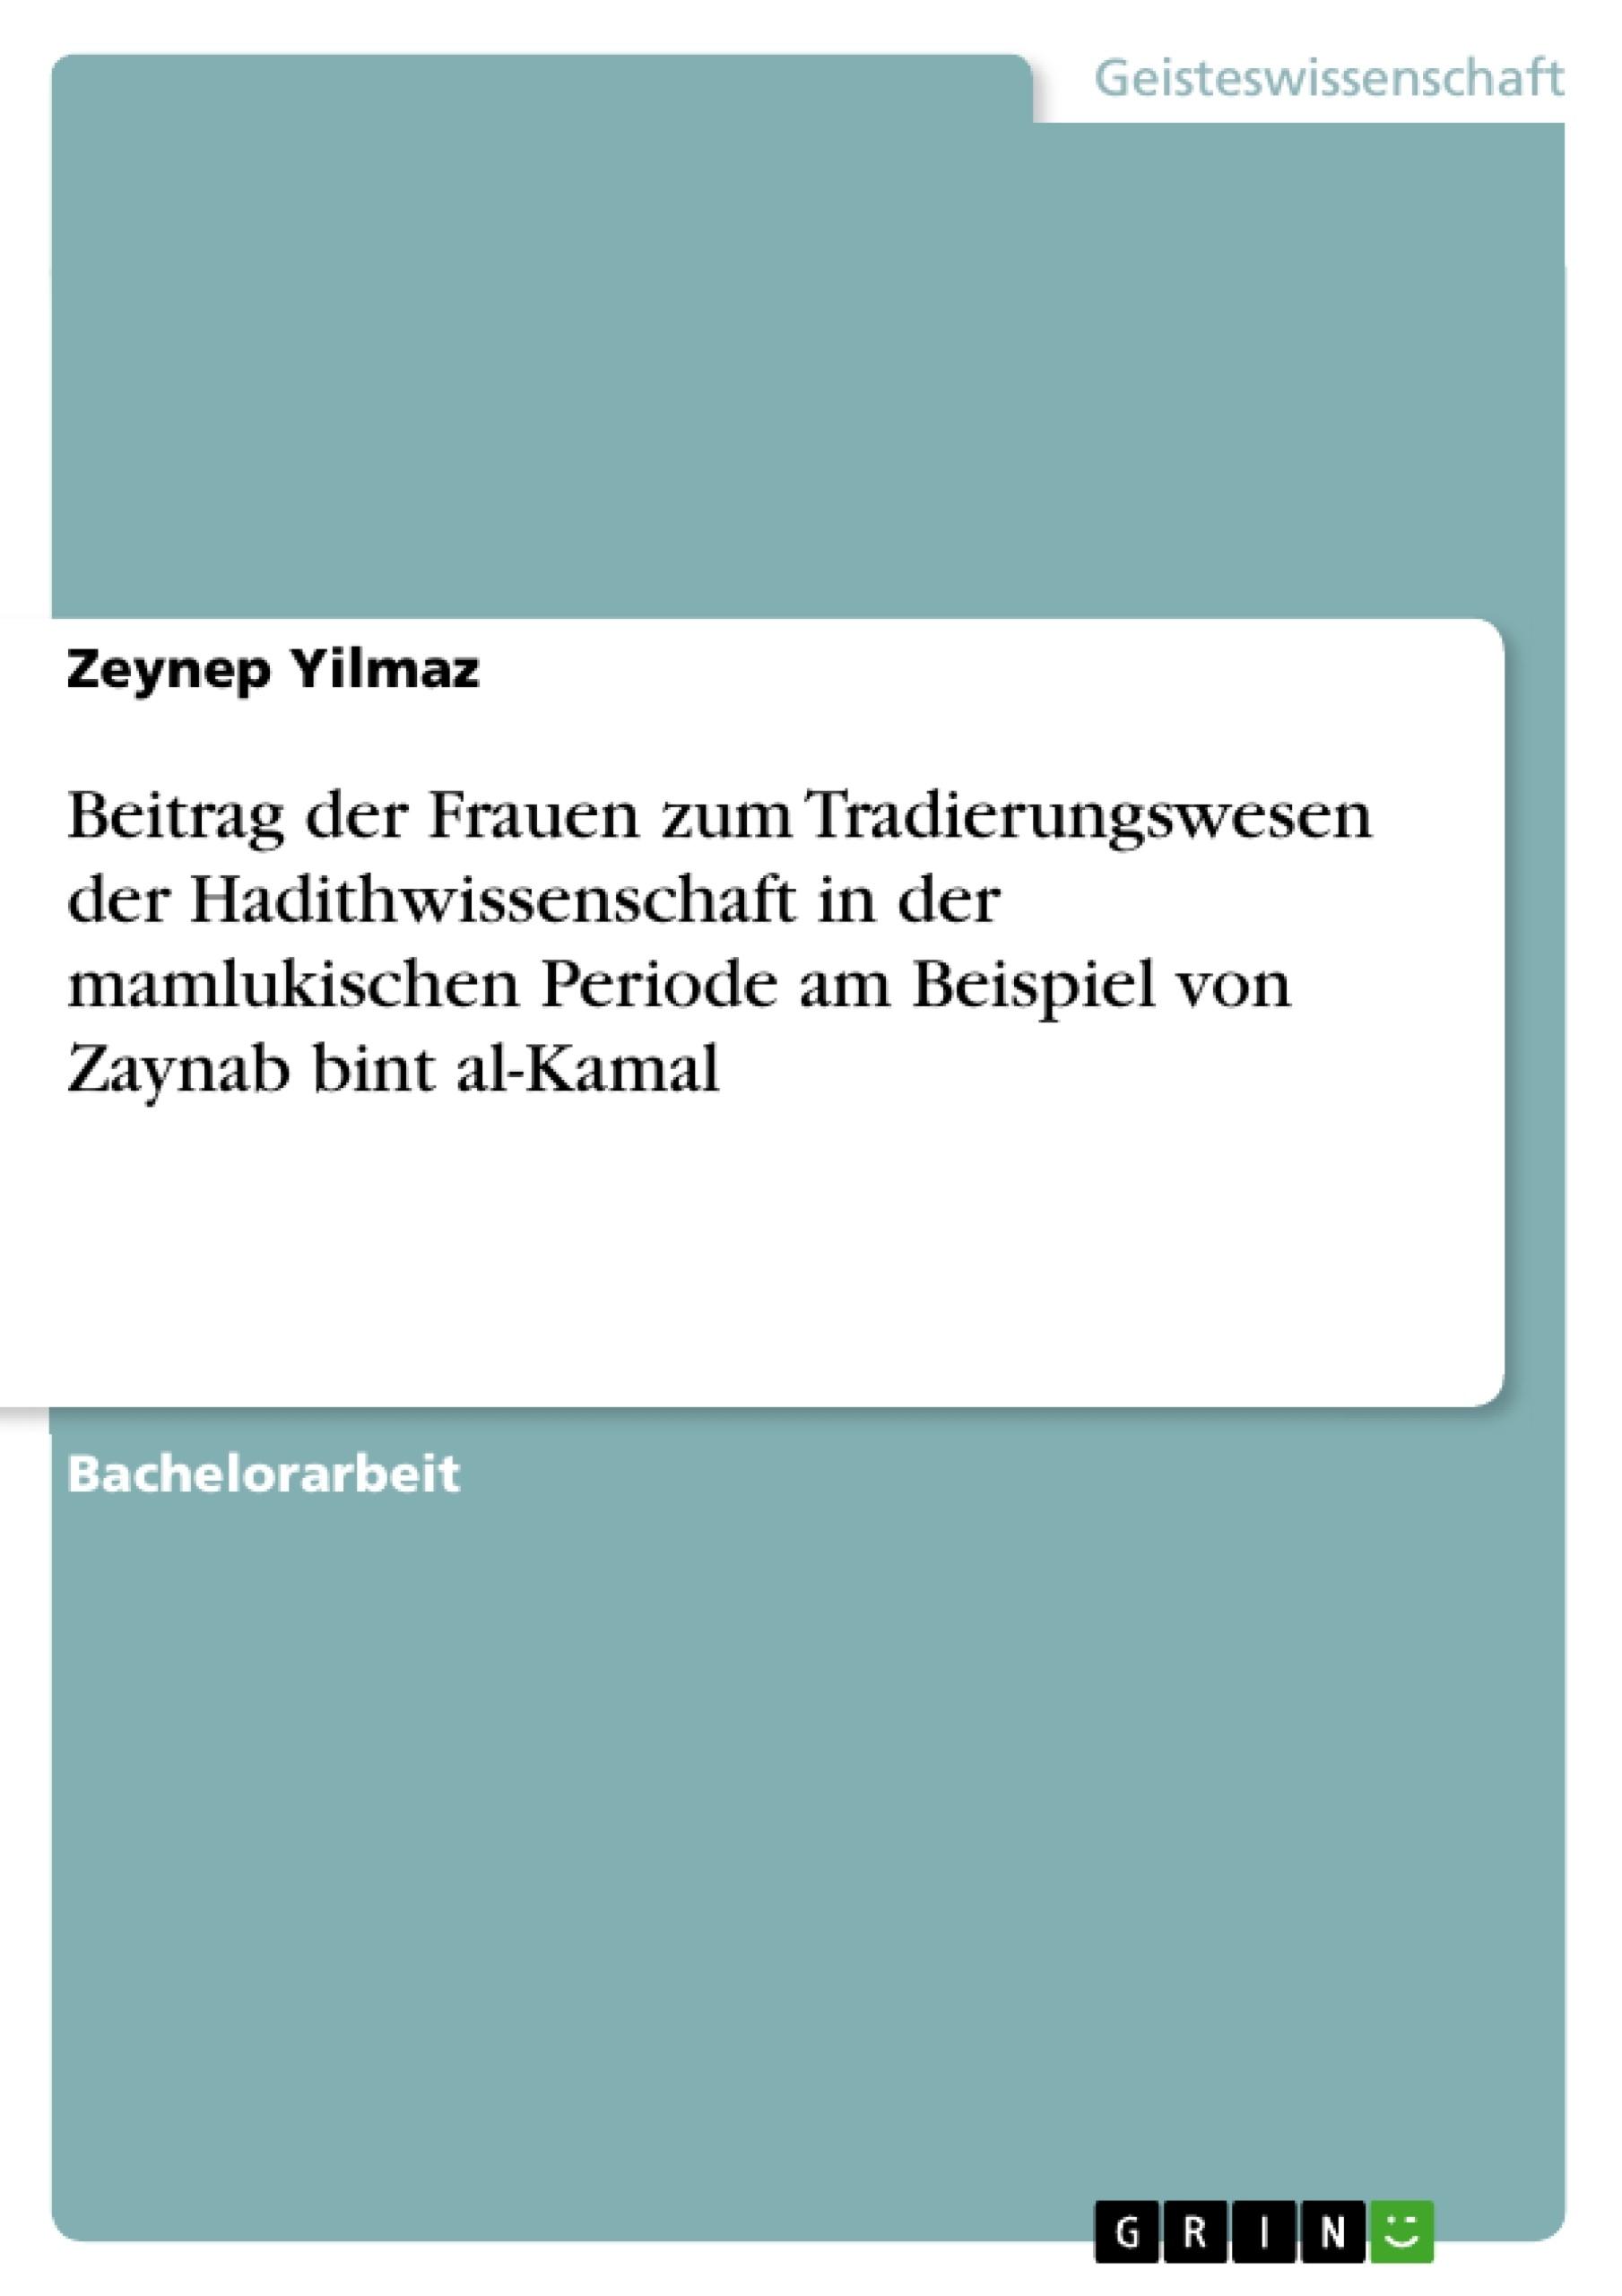 Titel: Beitrag der Frauen zum Tradierungswesen der Hadithwissenschaft in der mamlukischen Periode am Beispiel von Zaynab bint al-Kamal